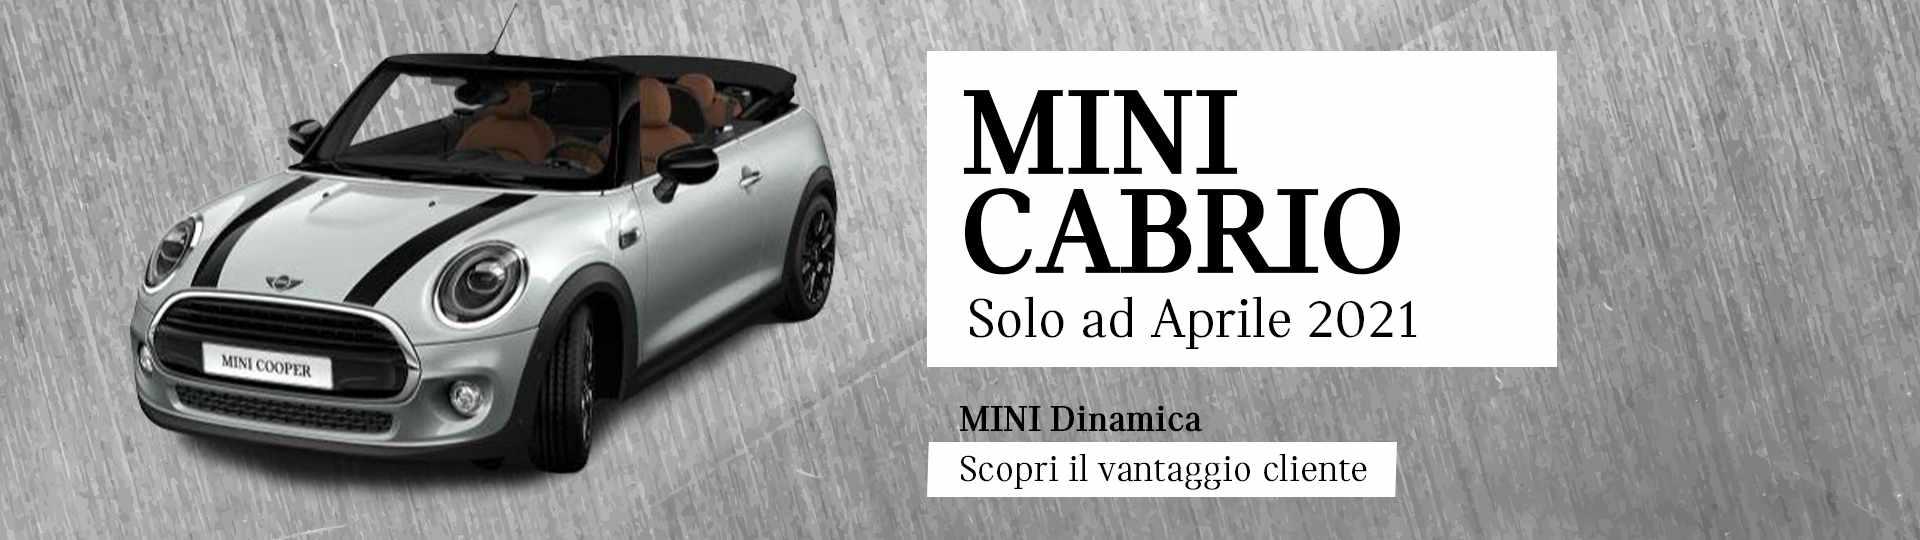 Mini Cabrio Copertina.jpg